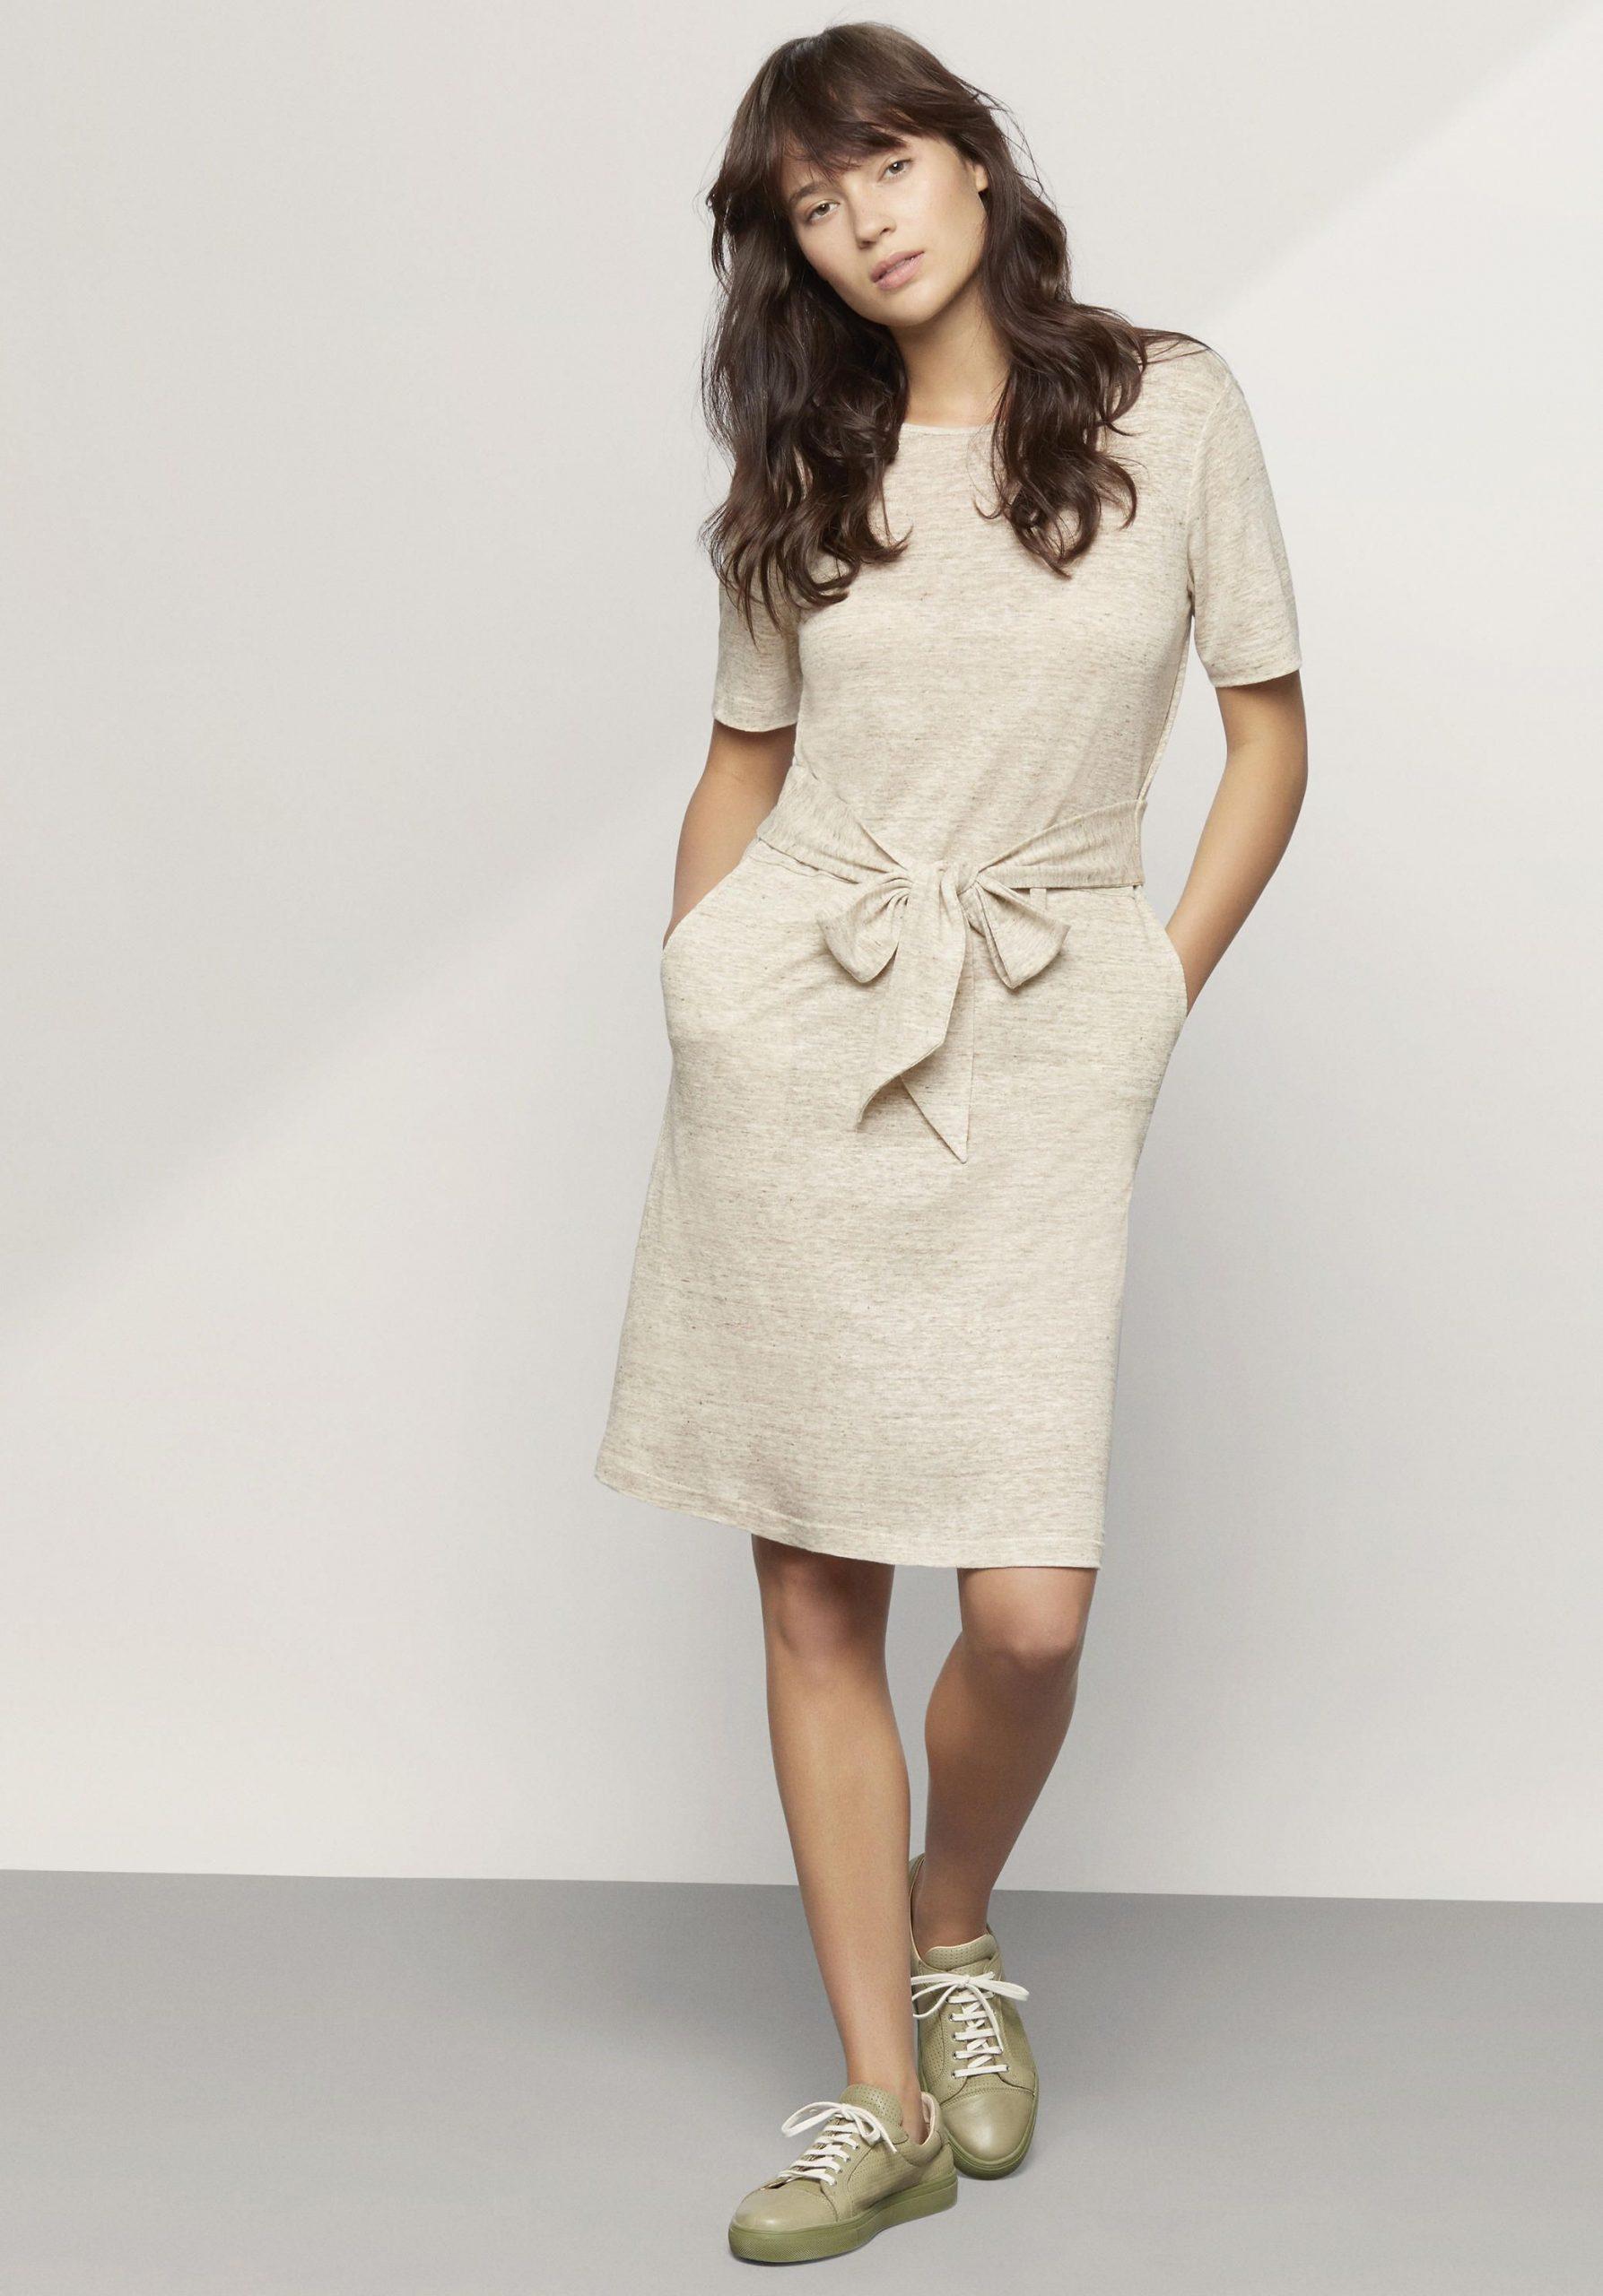 Formal Perfekt Damen Kleider A Form für 2019Designer Top Damen Kleider A Form Stylish